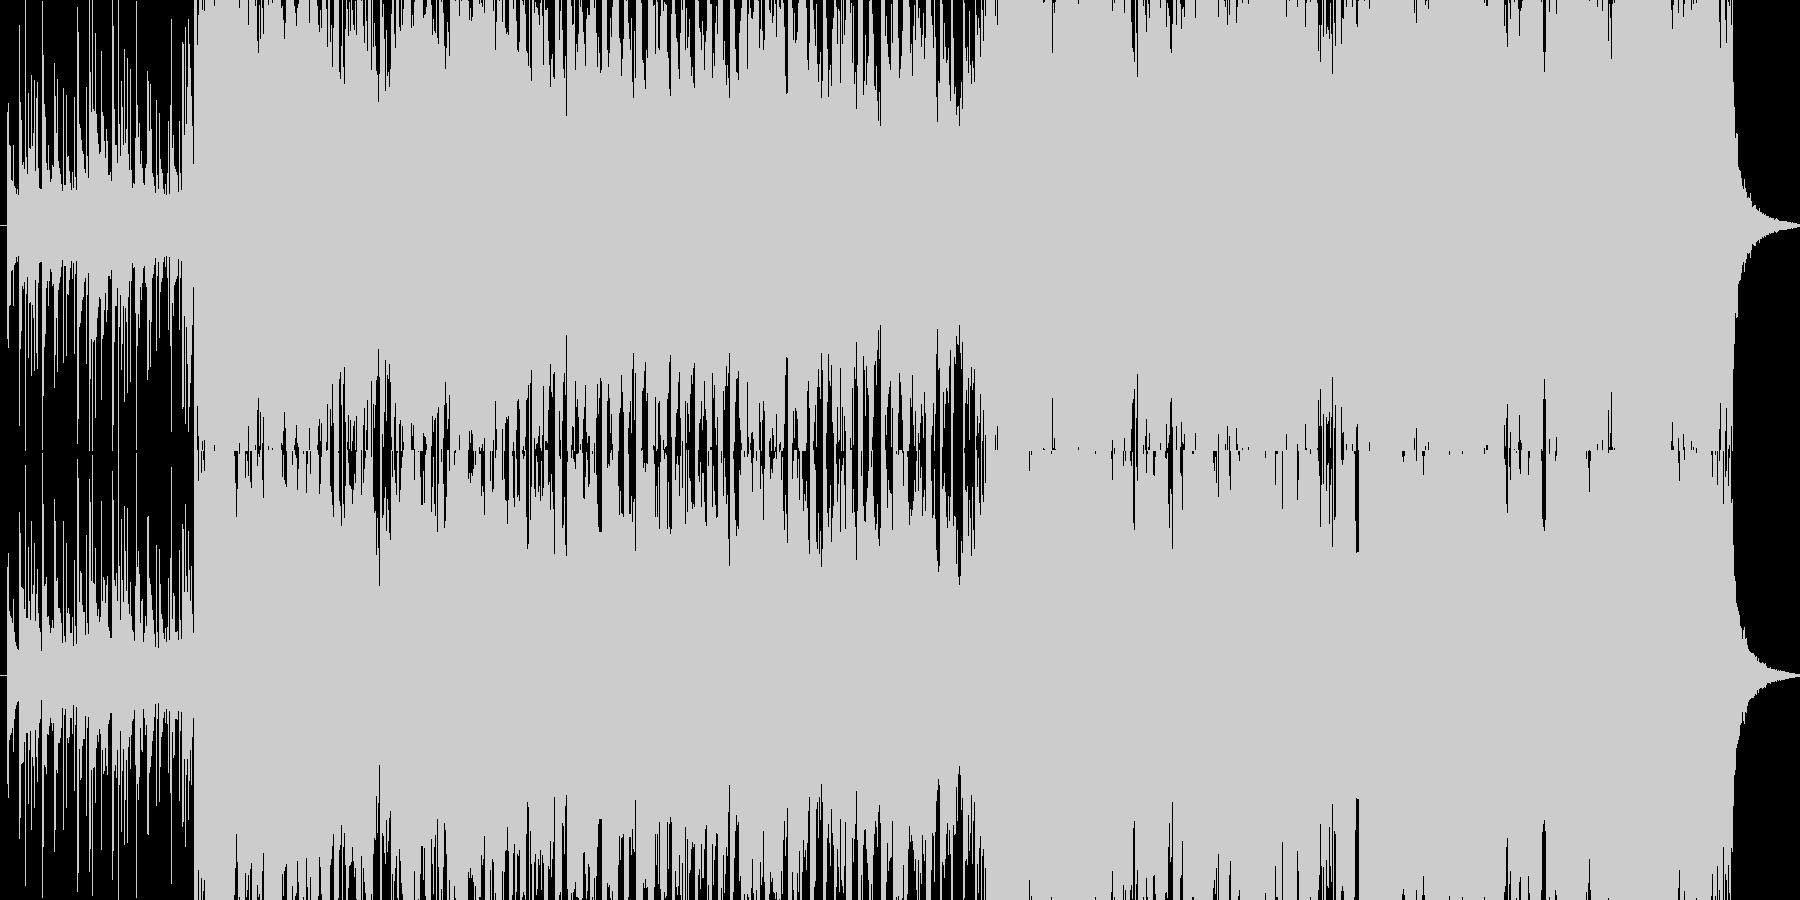 桃太郎の鬼ヶ島の戦闘シーン ハイテンポの未再生の波形